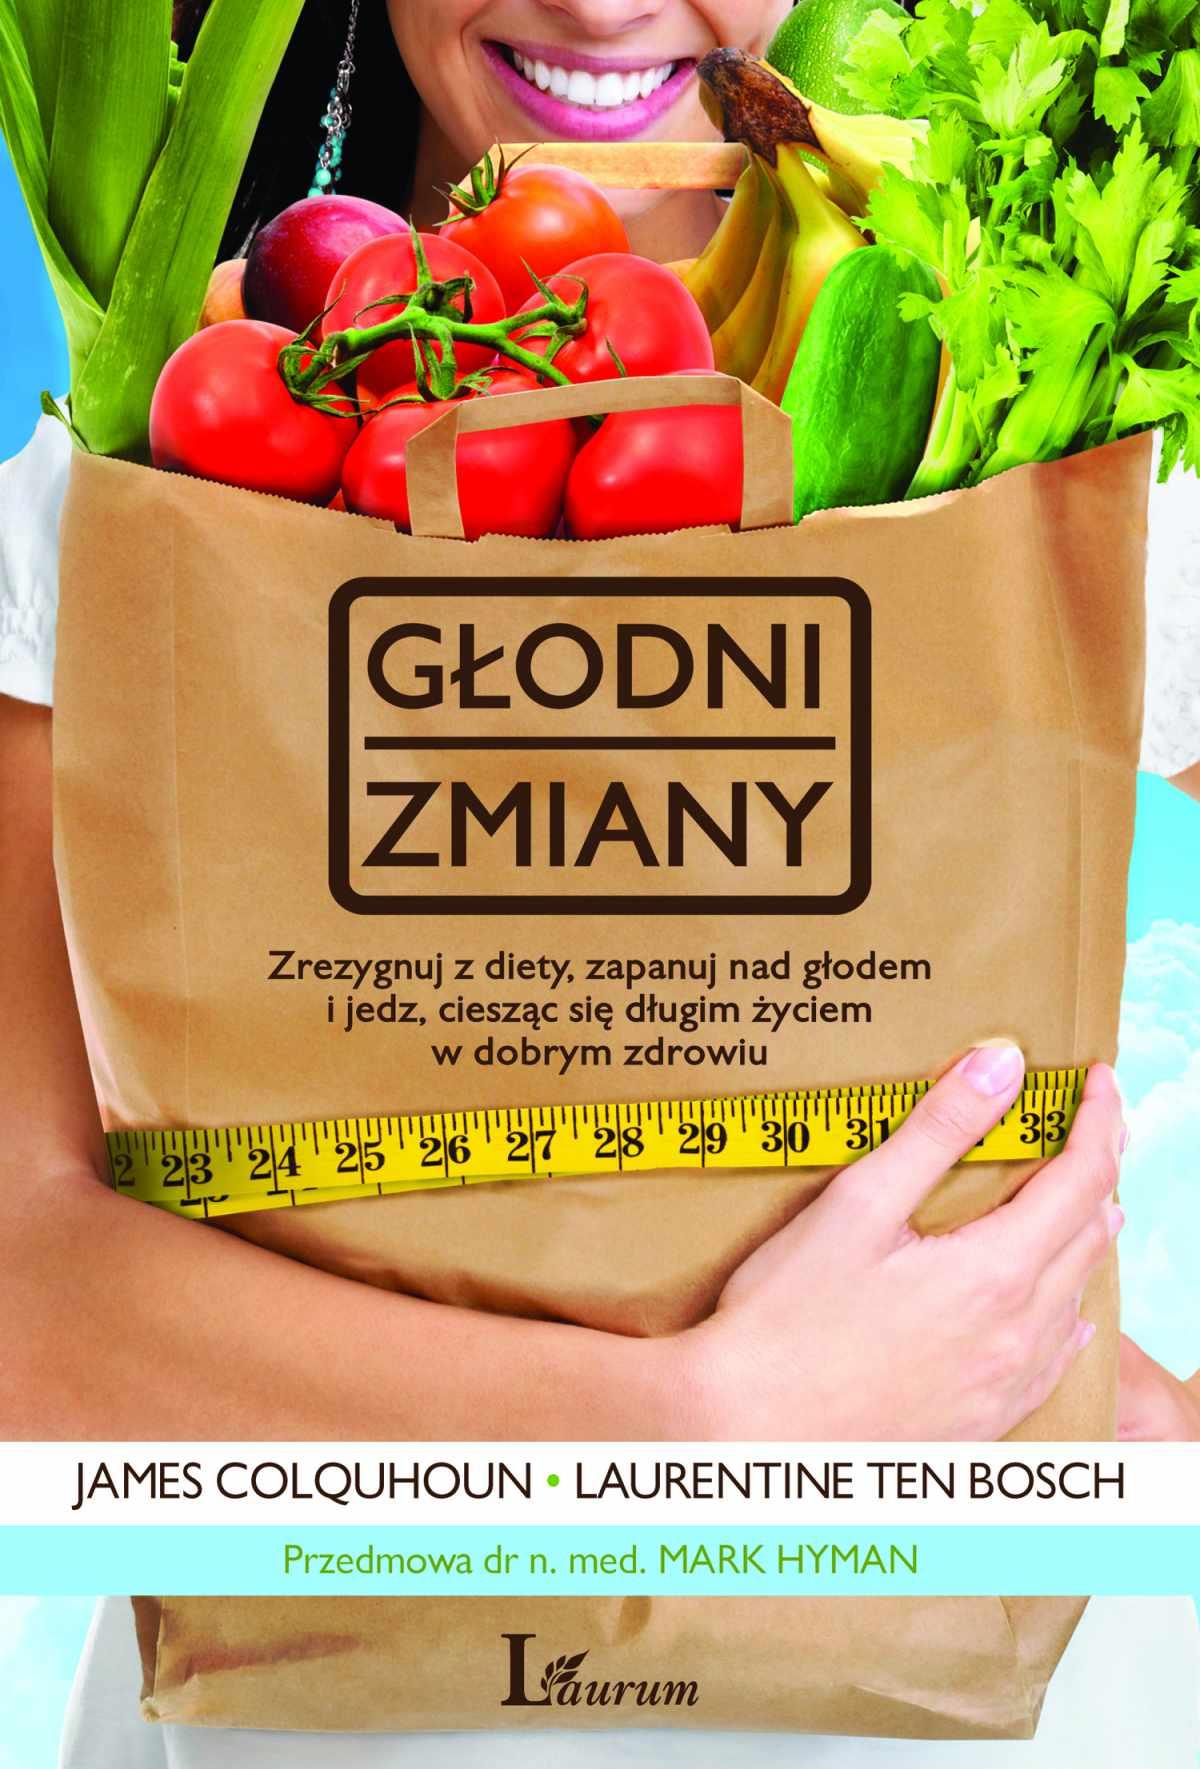 Głodni zmiany - Ebook (Książka EPUB) do pobrania w formacie EPUB